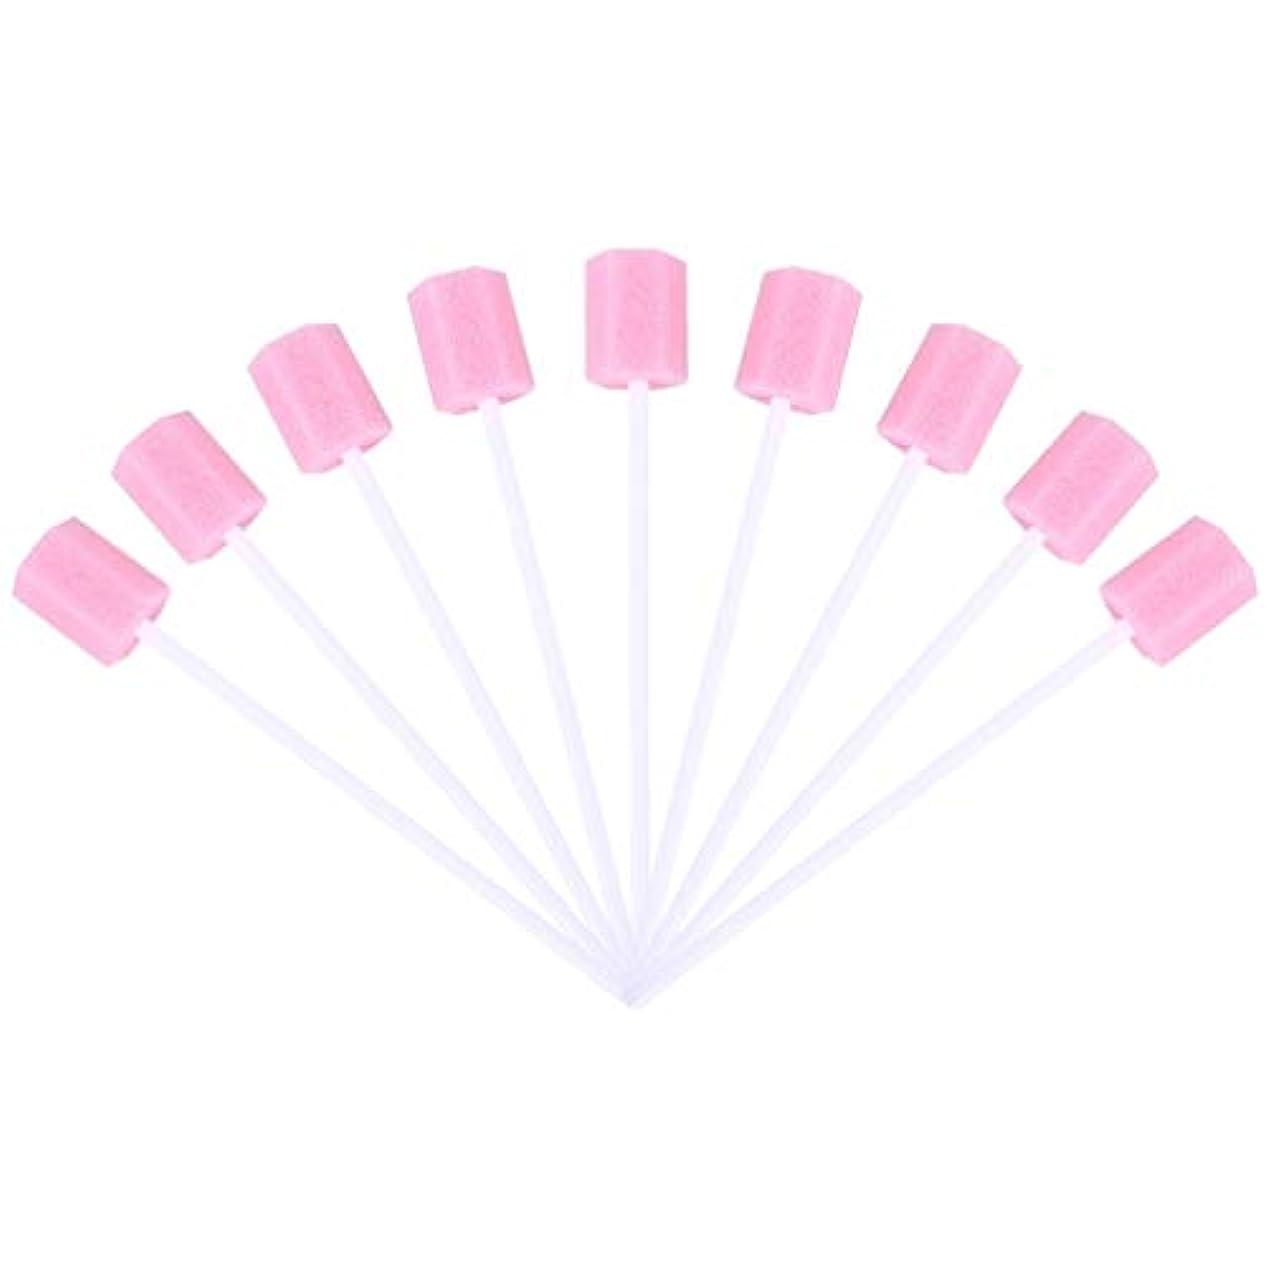 シンポジウムなので急いでSUPVOX 30ピーススポンジ綿棒使い捨て医療スポンジスティック歯口洗浄口腔ケアツール(ピンク)